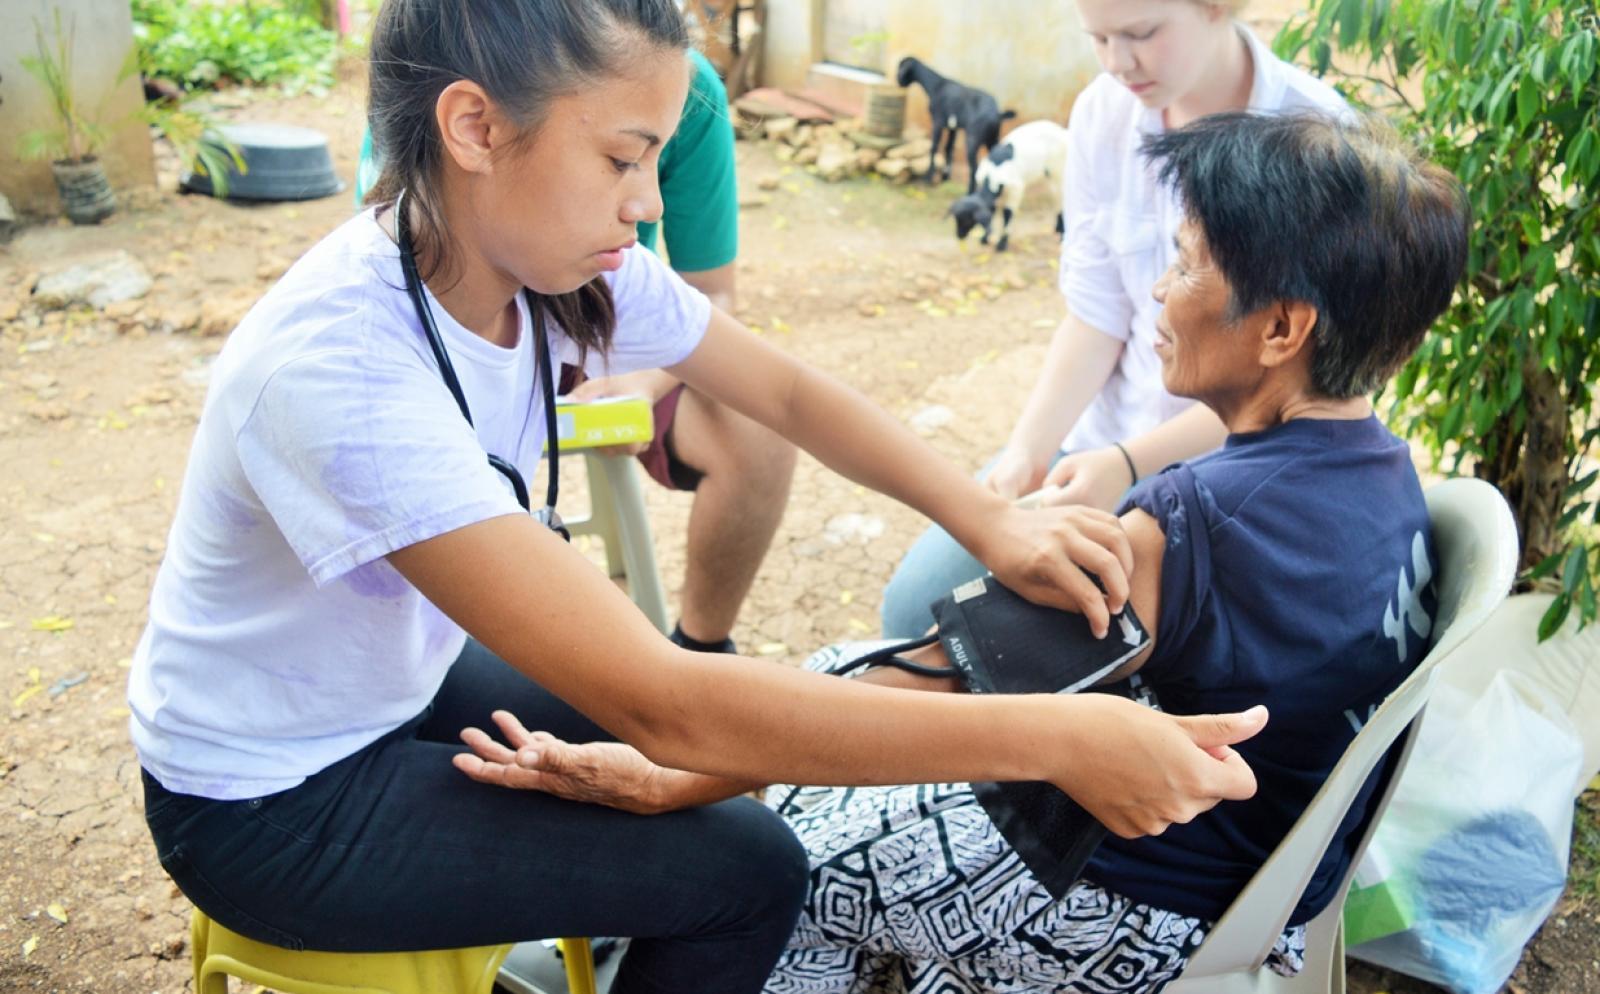 フィリピンの地域住民の血圧測定に取り組む高校生の公衆衛生ボランティア